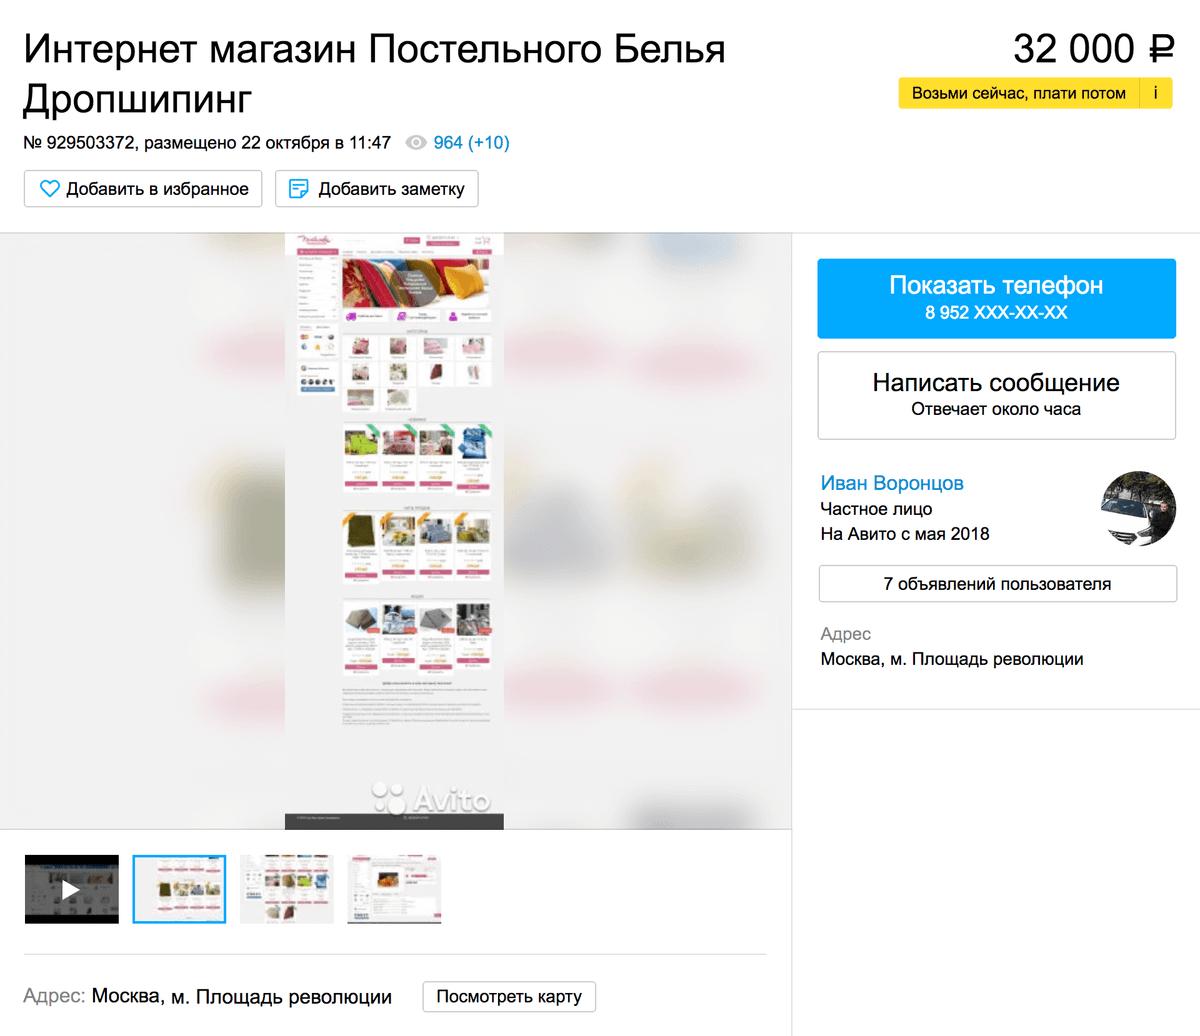 Интернет-магазин постельного белья за 32 тысячи рублей. Объявление на «Авито»